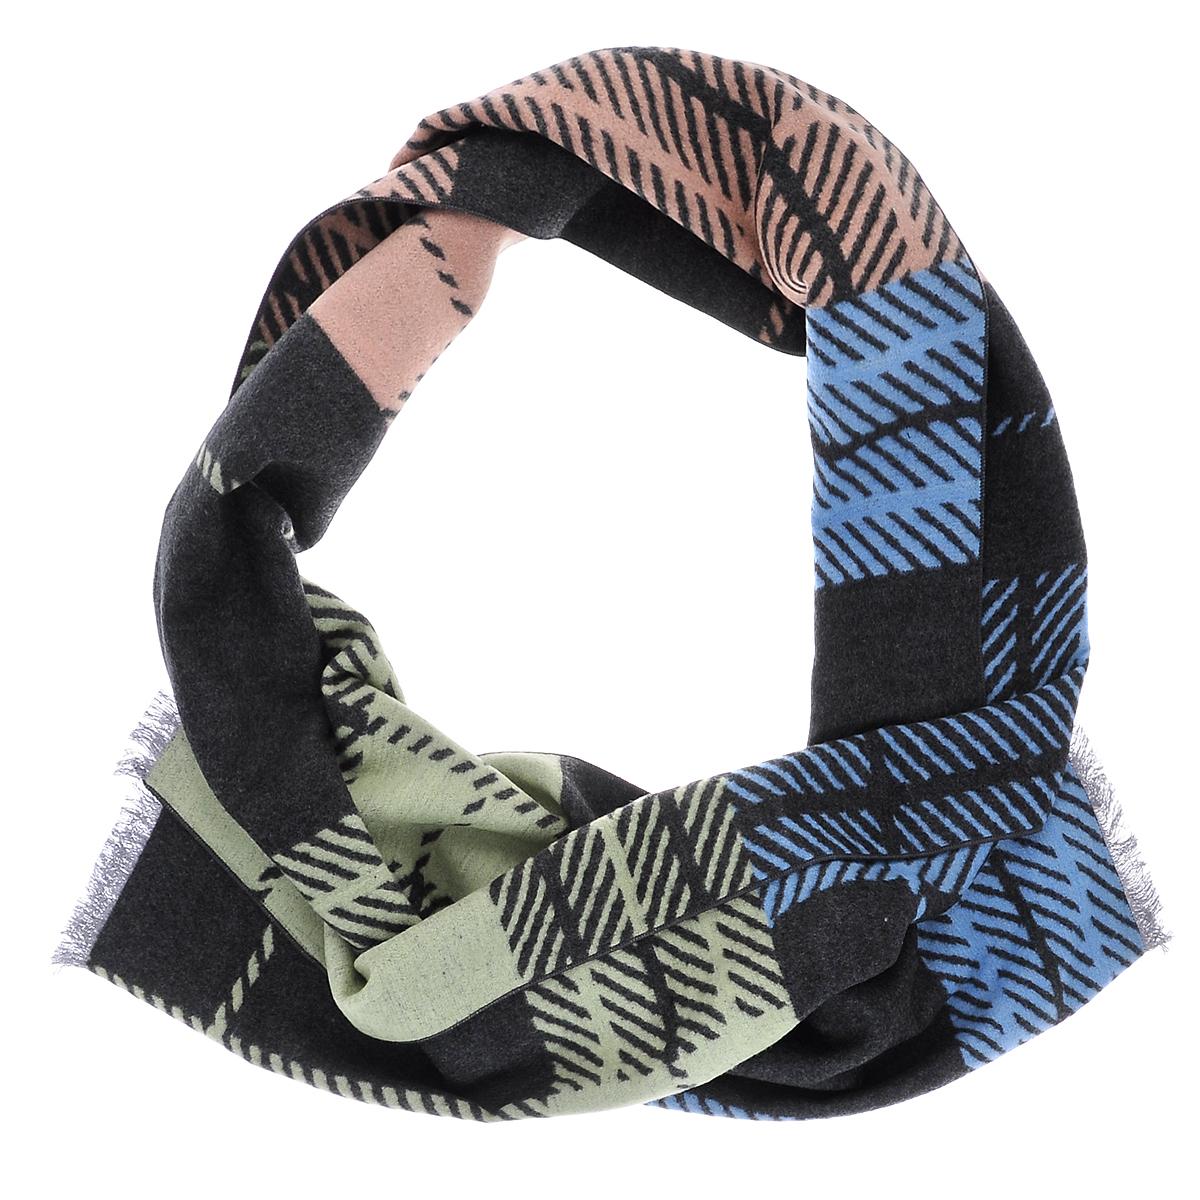 Шарф90005-08GЭлегантный мужской шарф Moltini согреет в холодное время года, а также станет изысканным аксессуаром, который призван подчеркнуть ваш стиль и индивидуальность. Ворсистый теплый шарф выполнен на основе из 100% шелка и оформлен оригинальным принтом. Края модели декорированы тонкой бахромой.